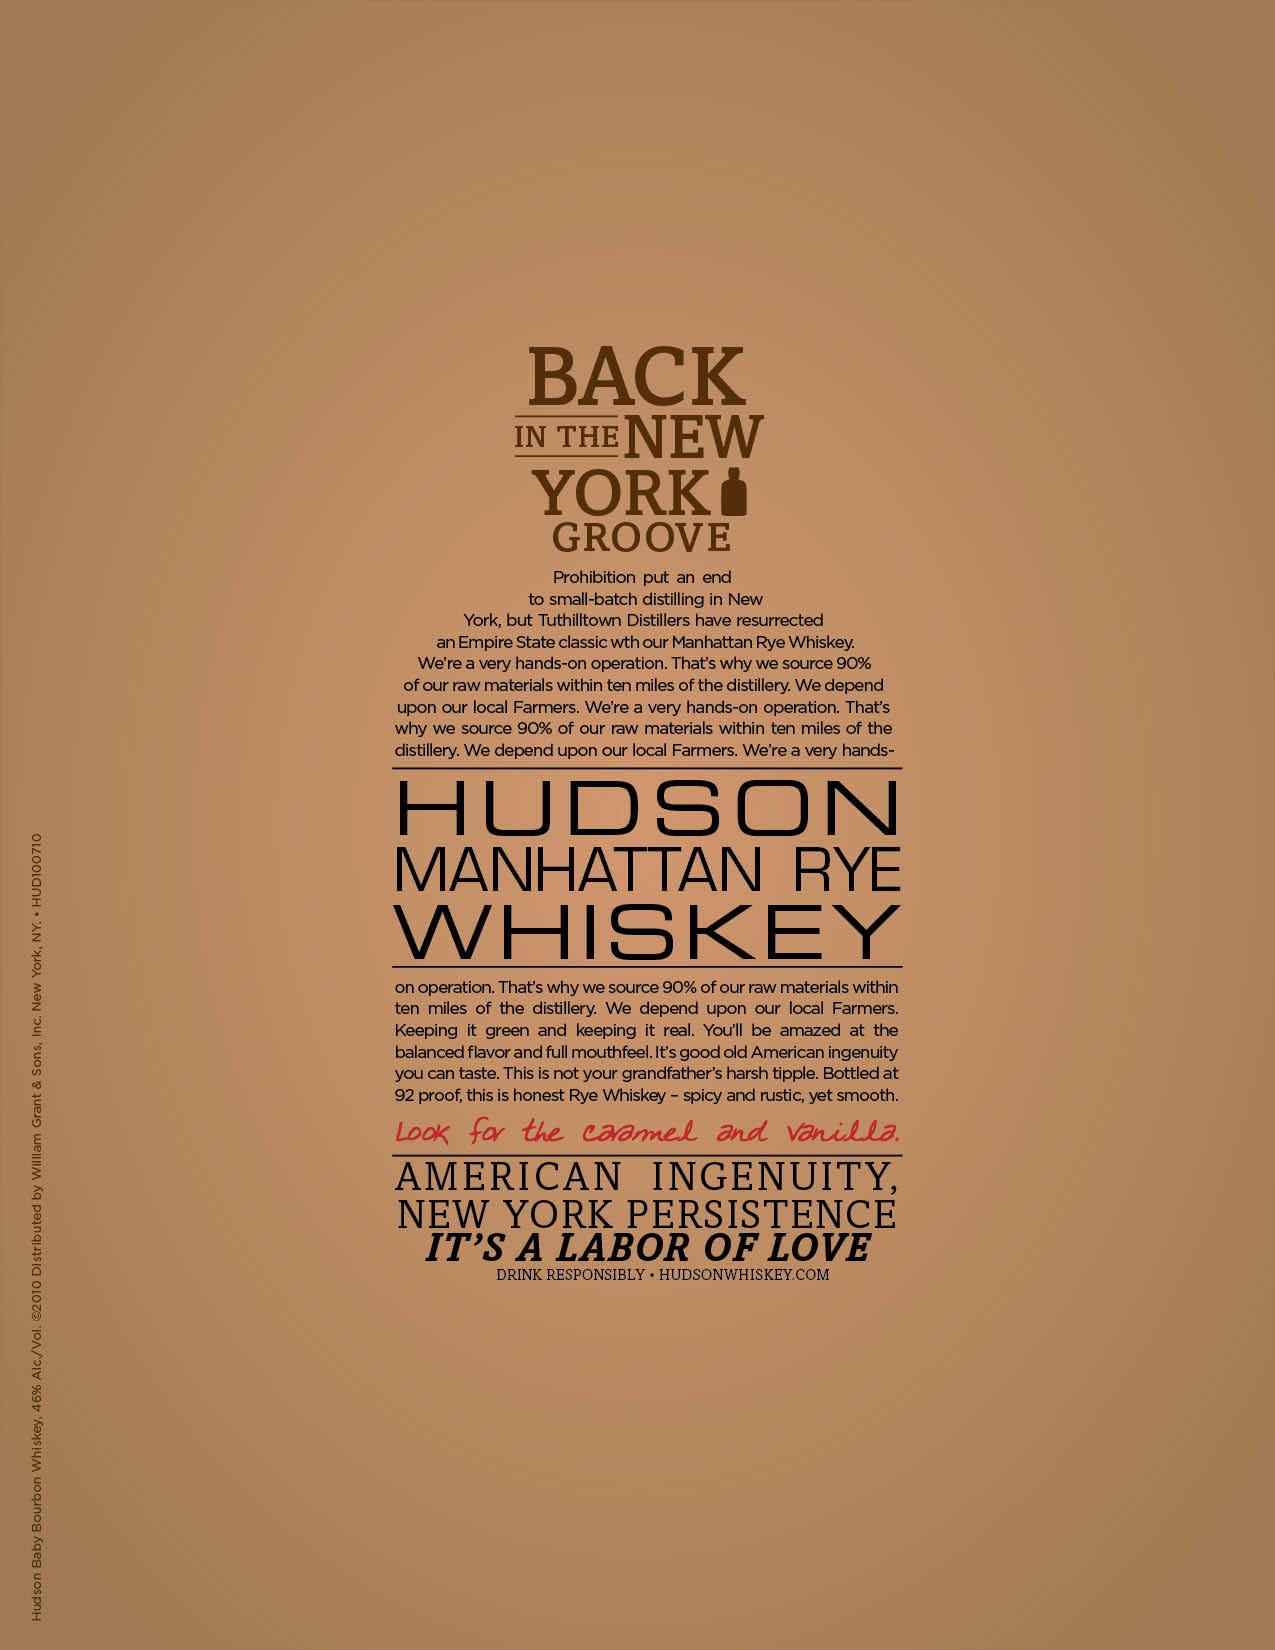 hudson-bottleicon-ads2.jpg